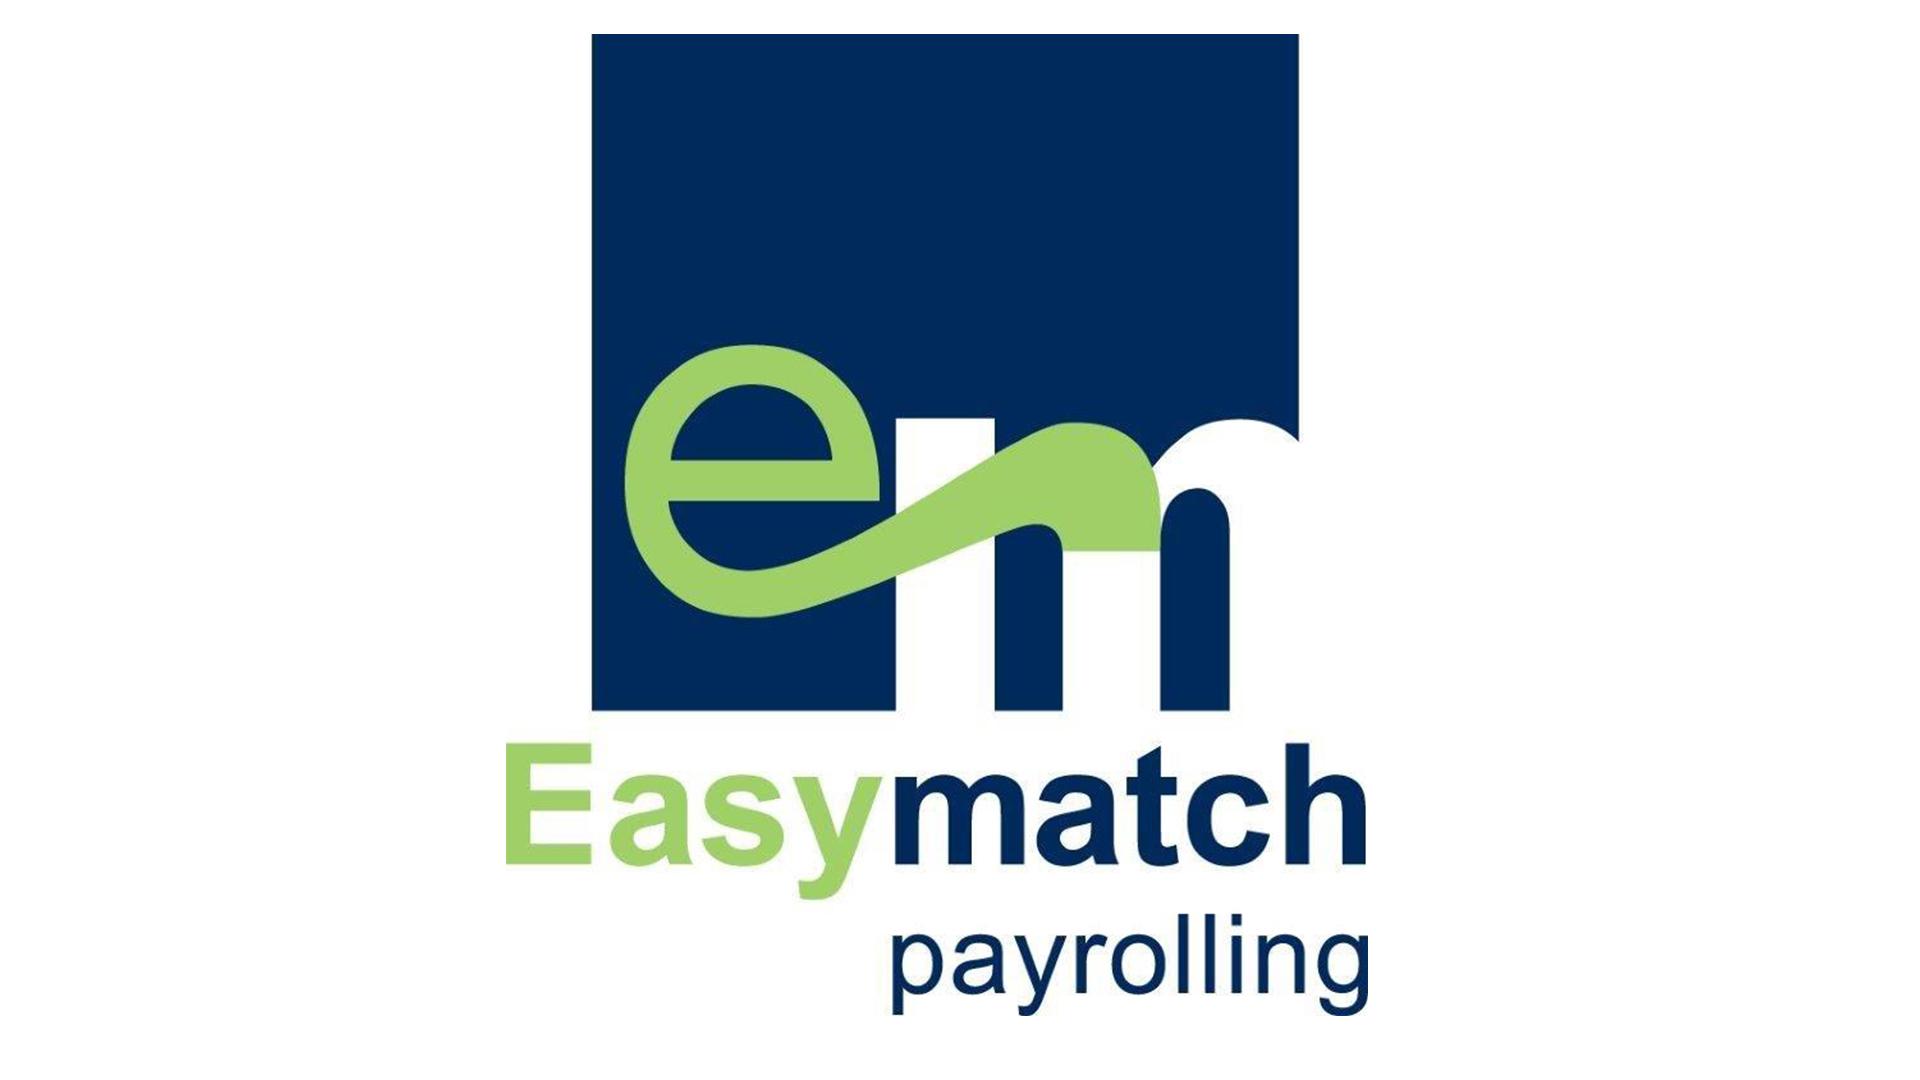 Easymatch